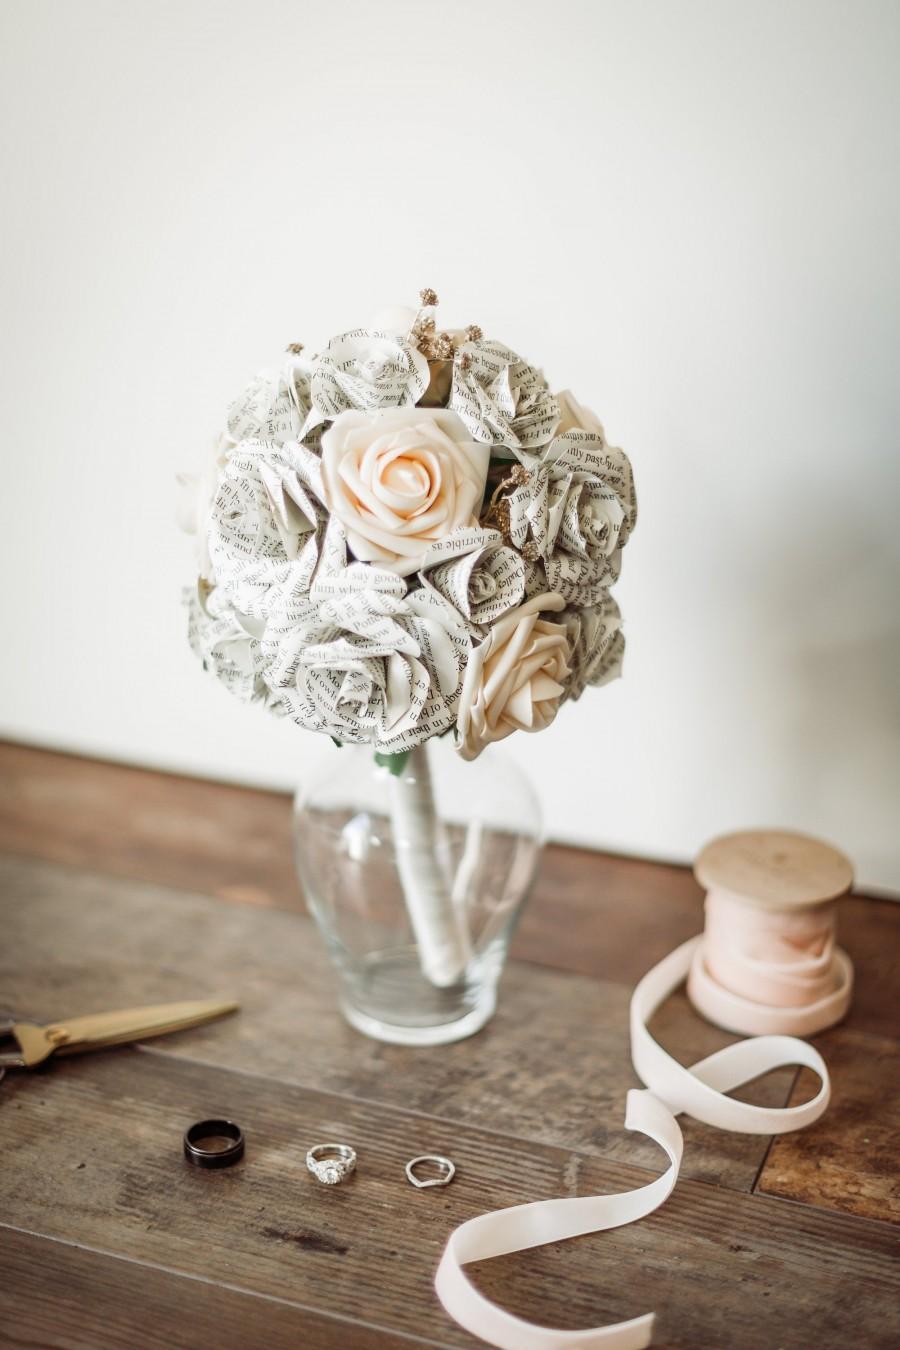 Свадьба - Harry Potter Inspired Wedding Bouquet